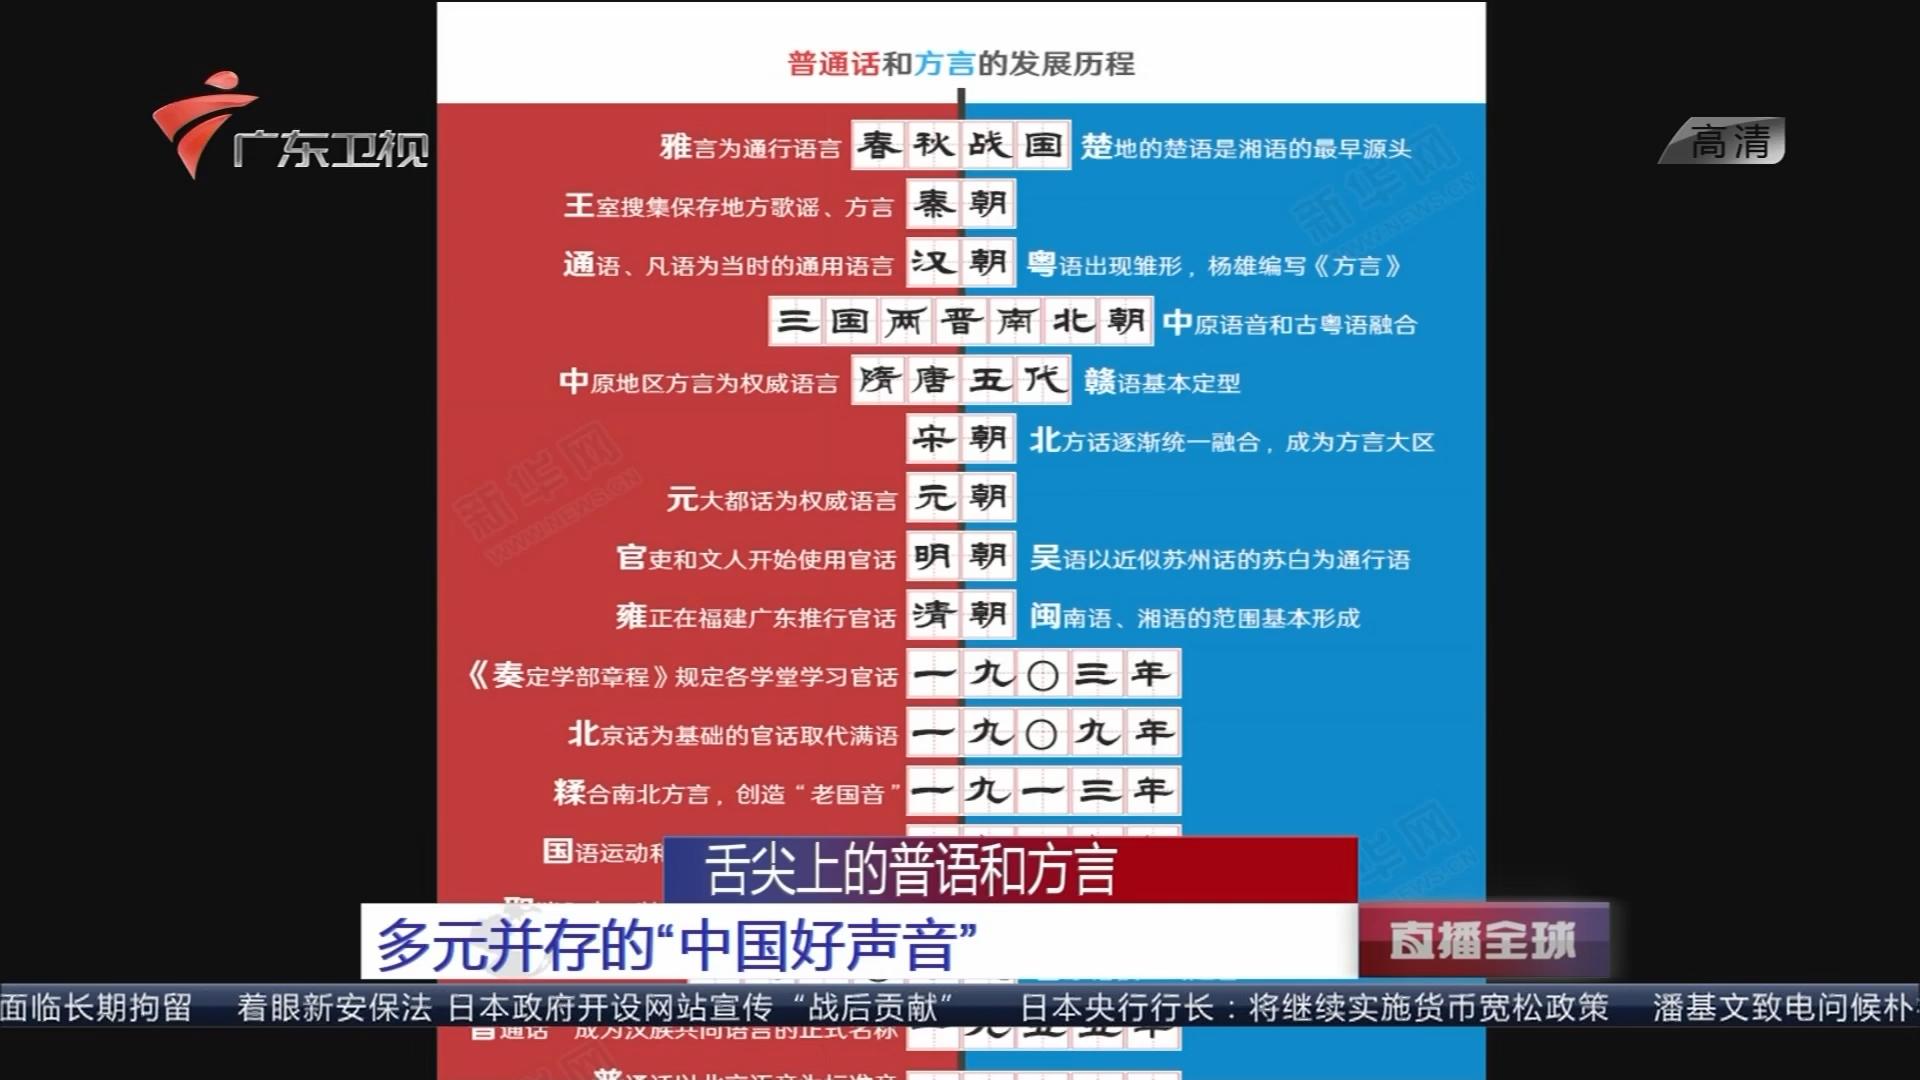 """舌尖上的普语和方言:多元并存的""""中国好声音"""""""